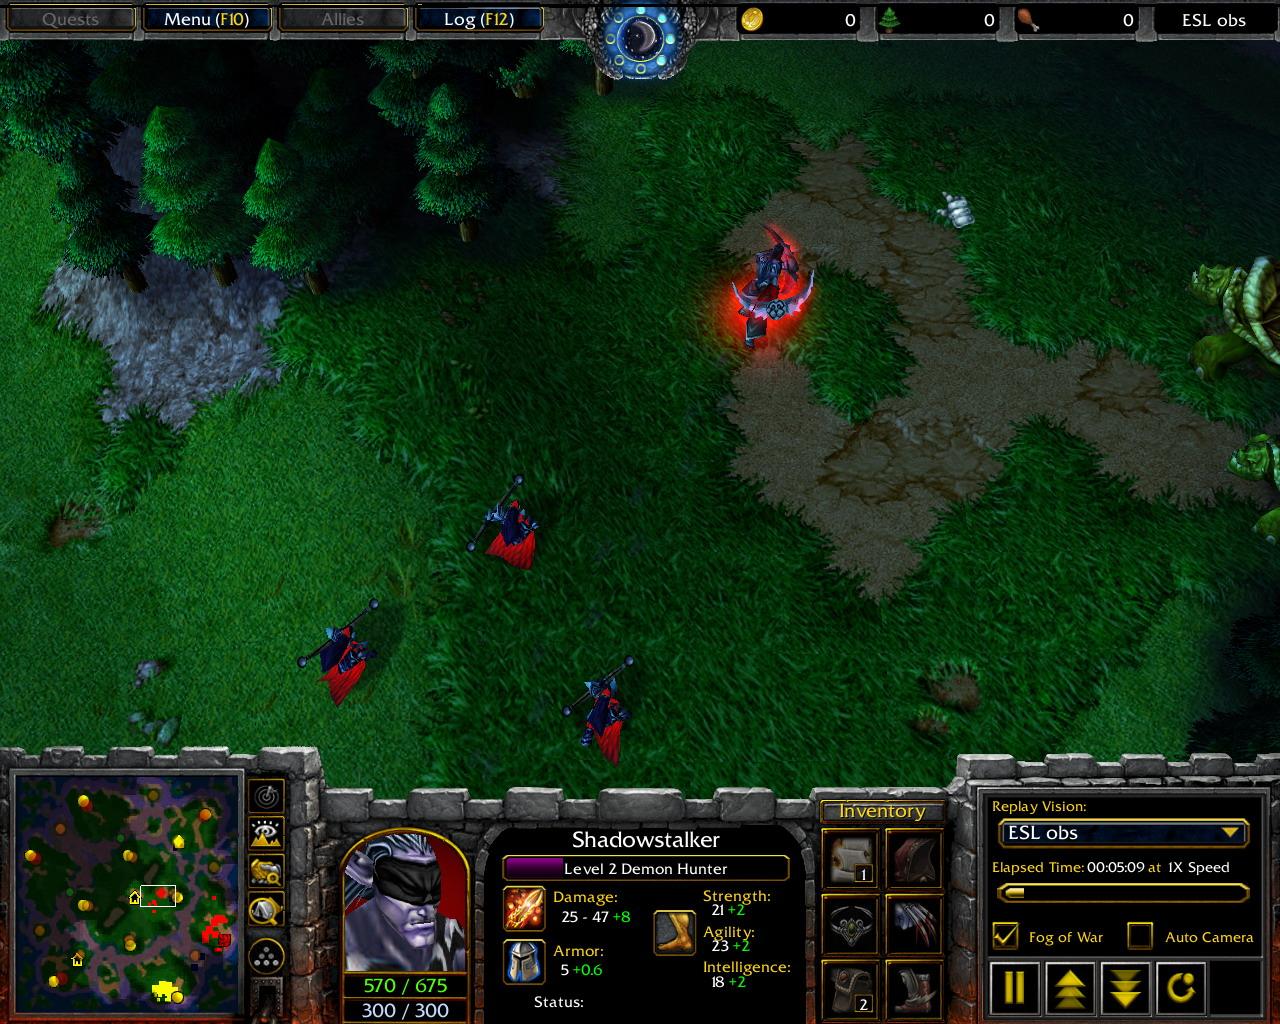 Официальный патч от Blizzard для обновления Warcraft 3 Frozen Throne до вер